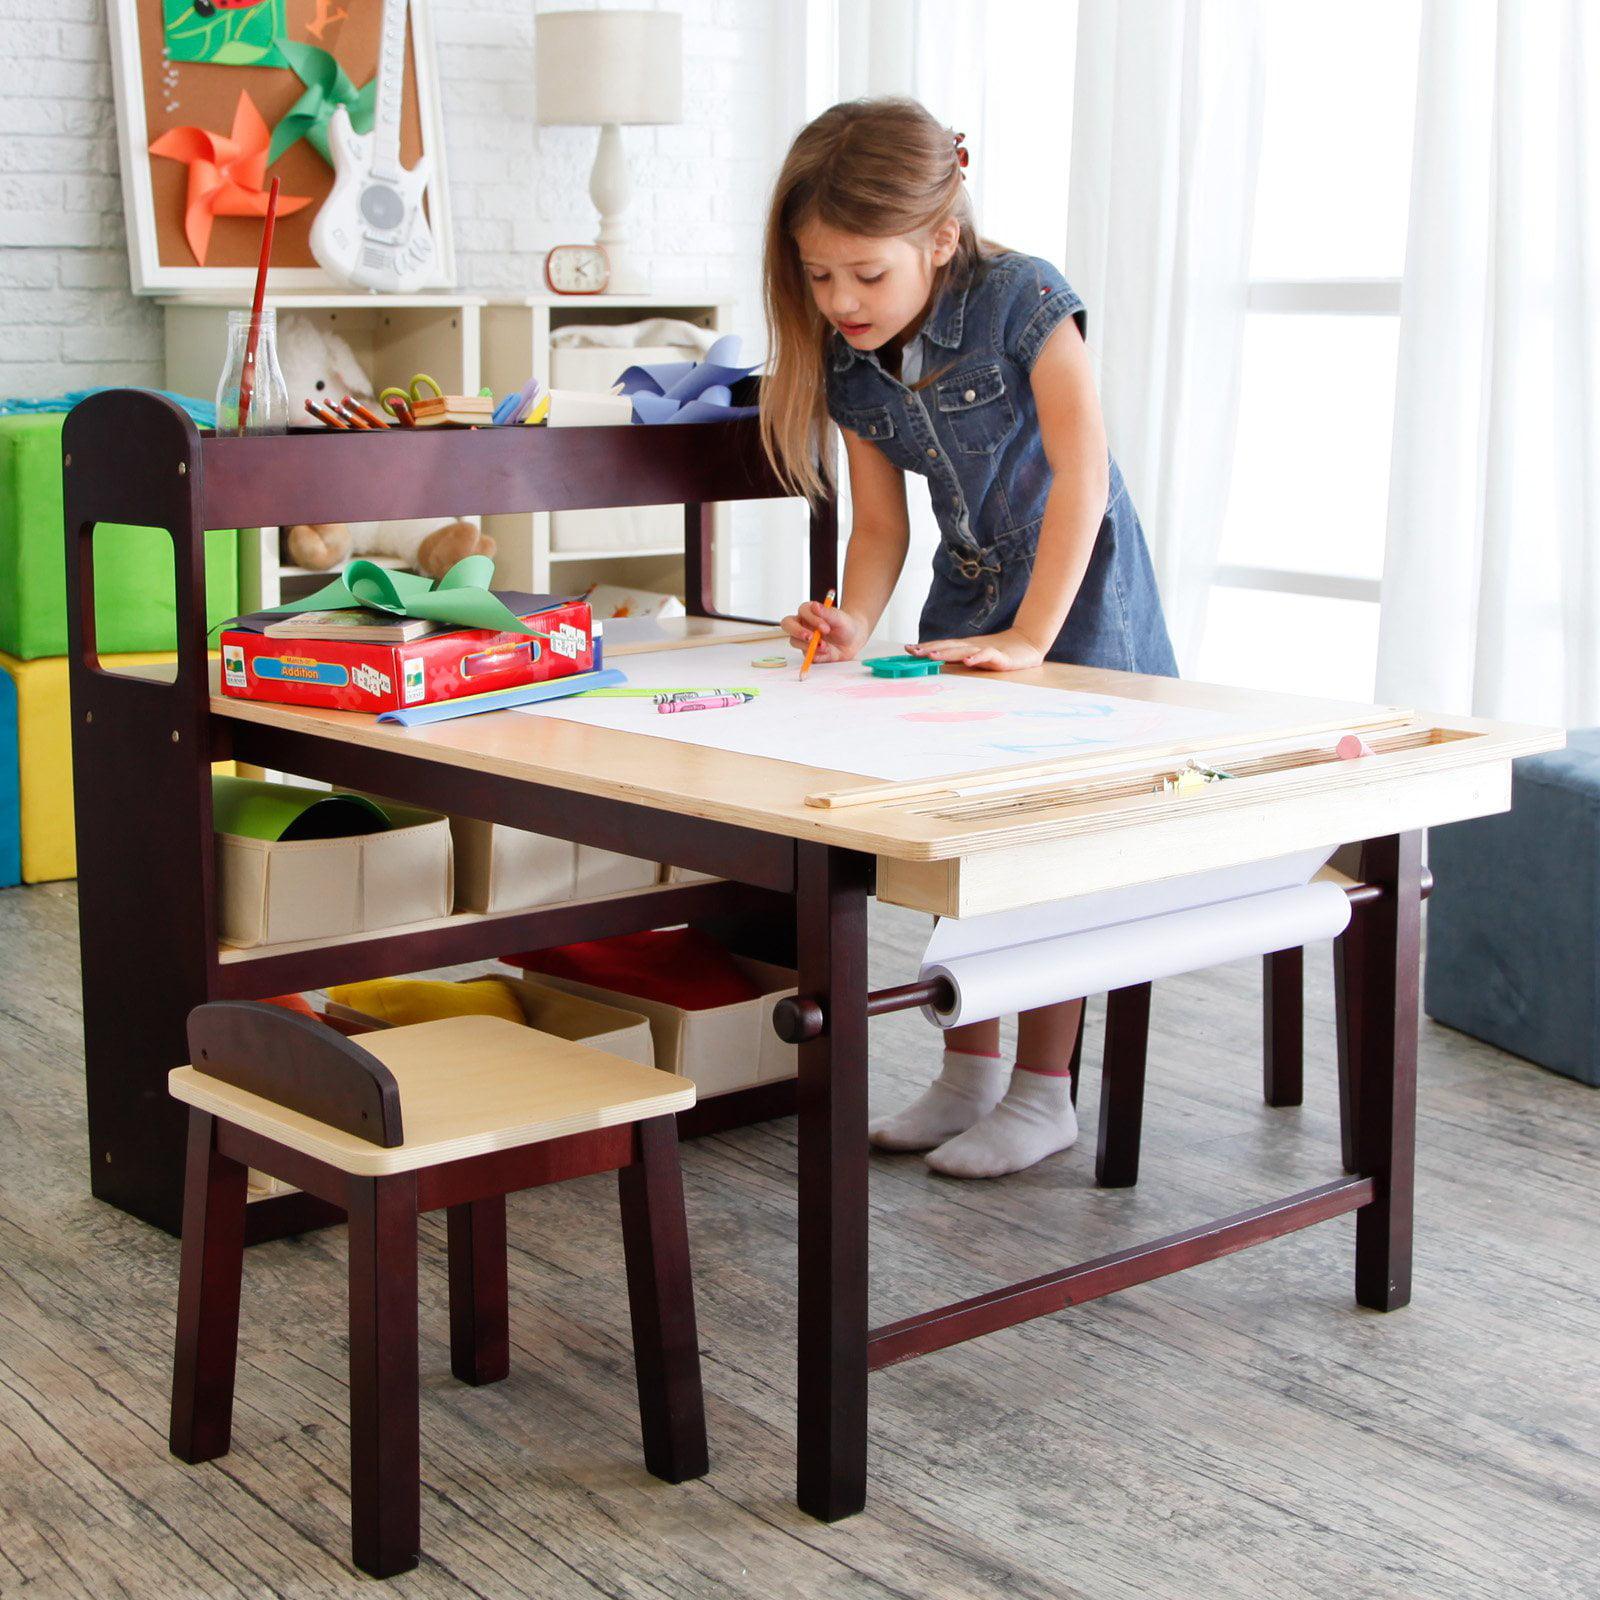 Guidecraft Kids Deluxe Art Center - Walmart.com